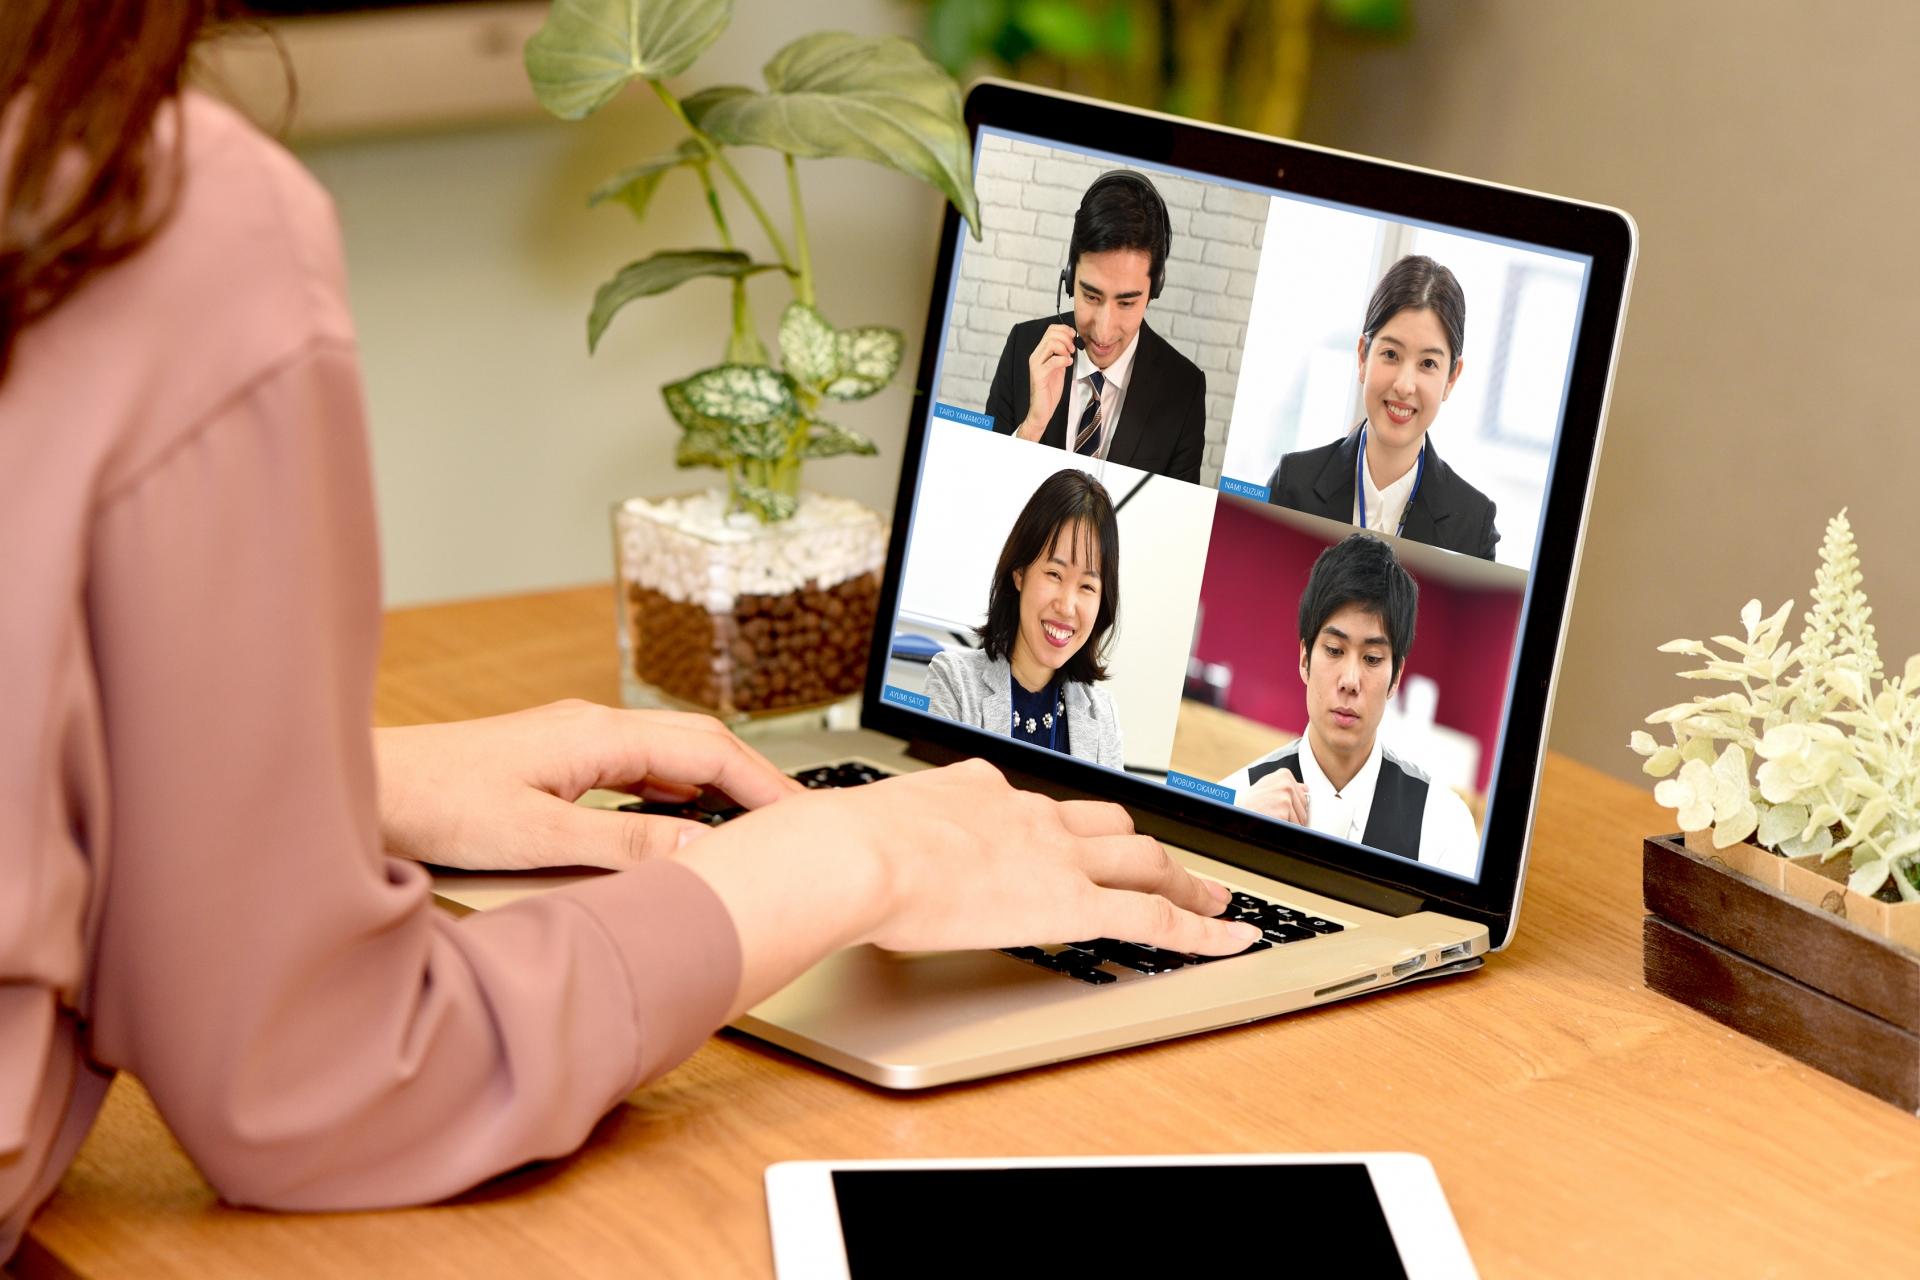 ウェブ会議 - 【画像で解説】WEB会議でもホワイトボードが使える!「Zoom」で社内会議をする際の工夫